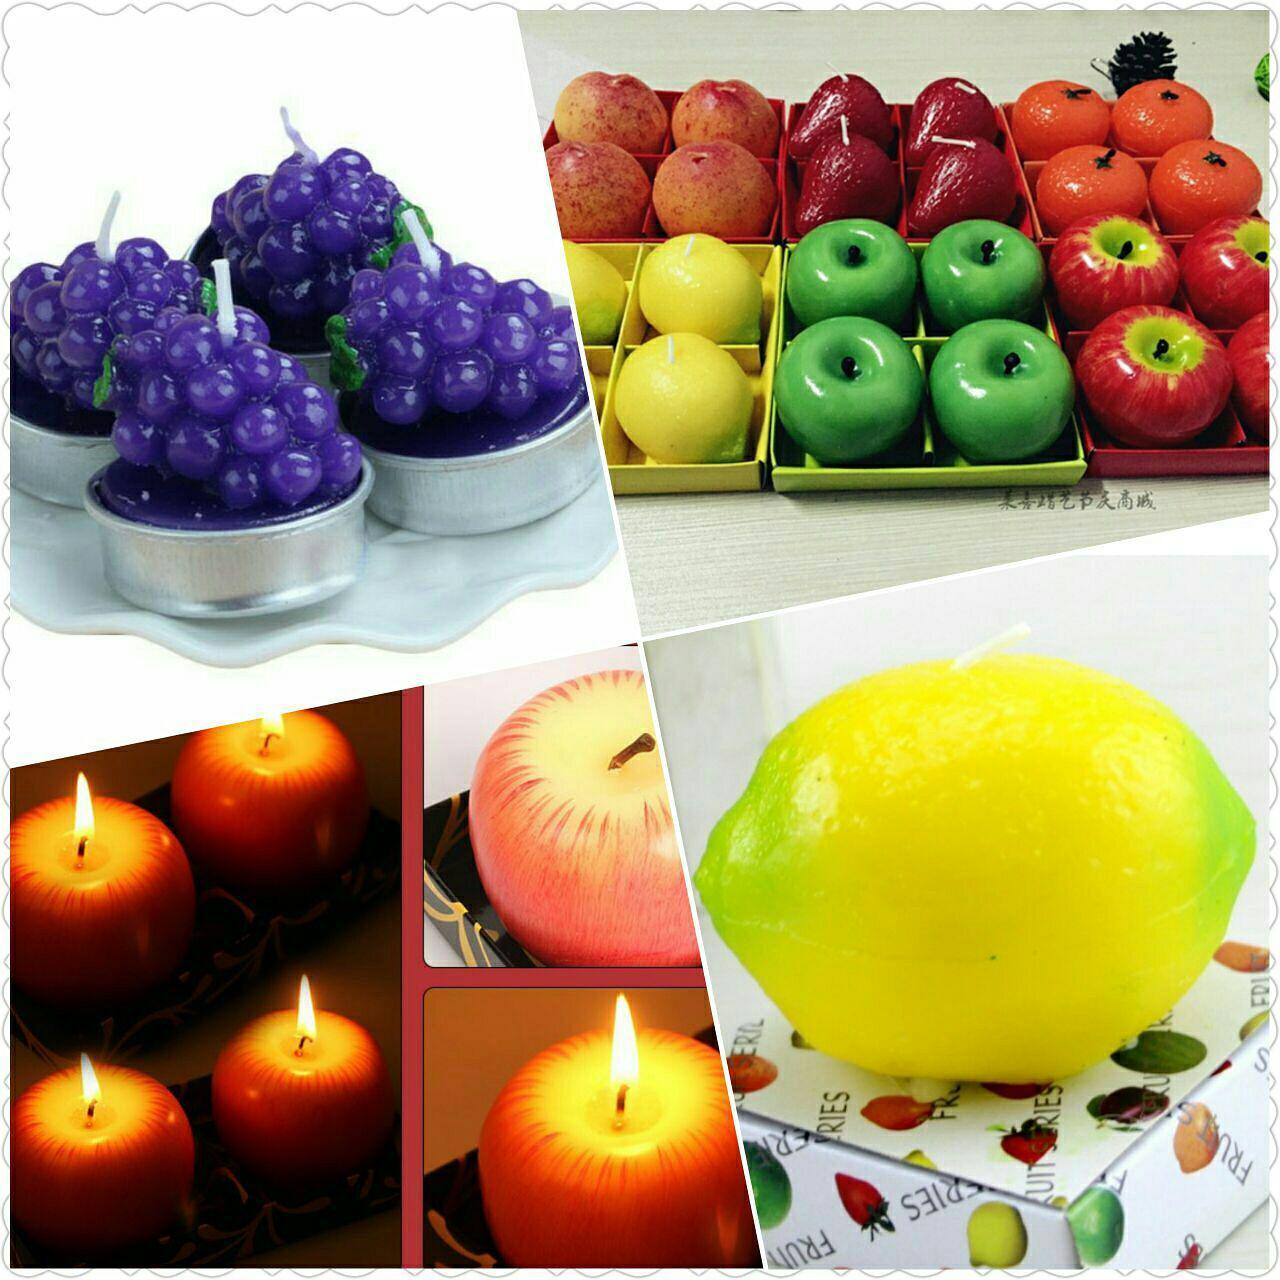 خرید شمع فانتزی شیک میوه ای 4 عددی با پارافین درجه 1